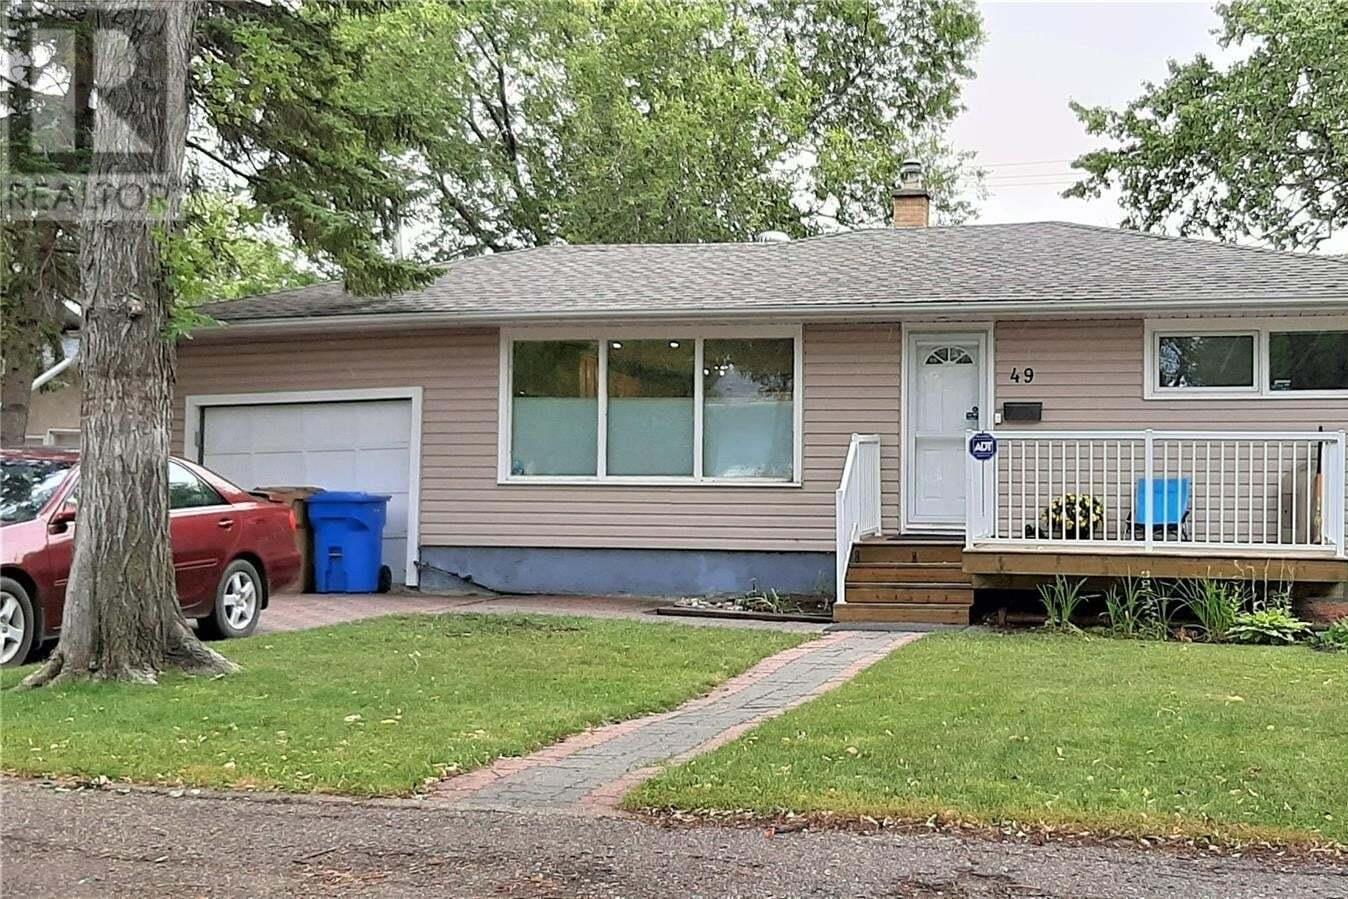 House for sale at 49 Bobolink By Regina Saskatchewan - MLS: SK825704